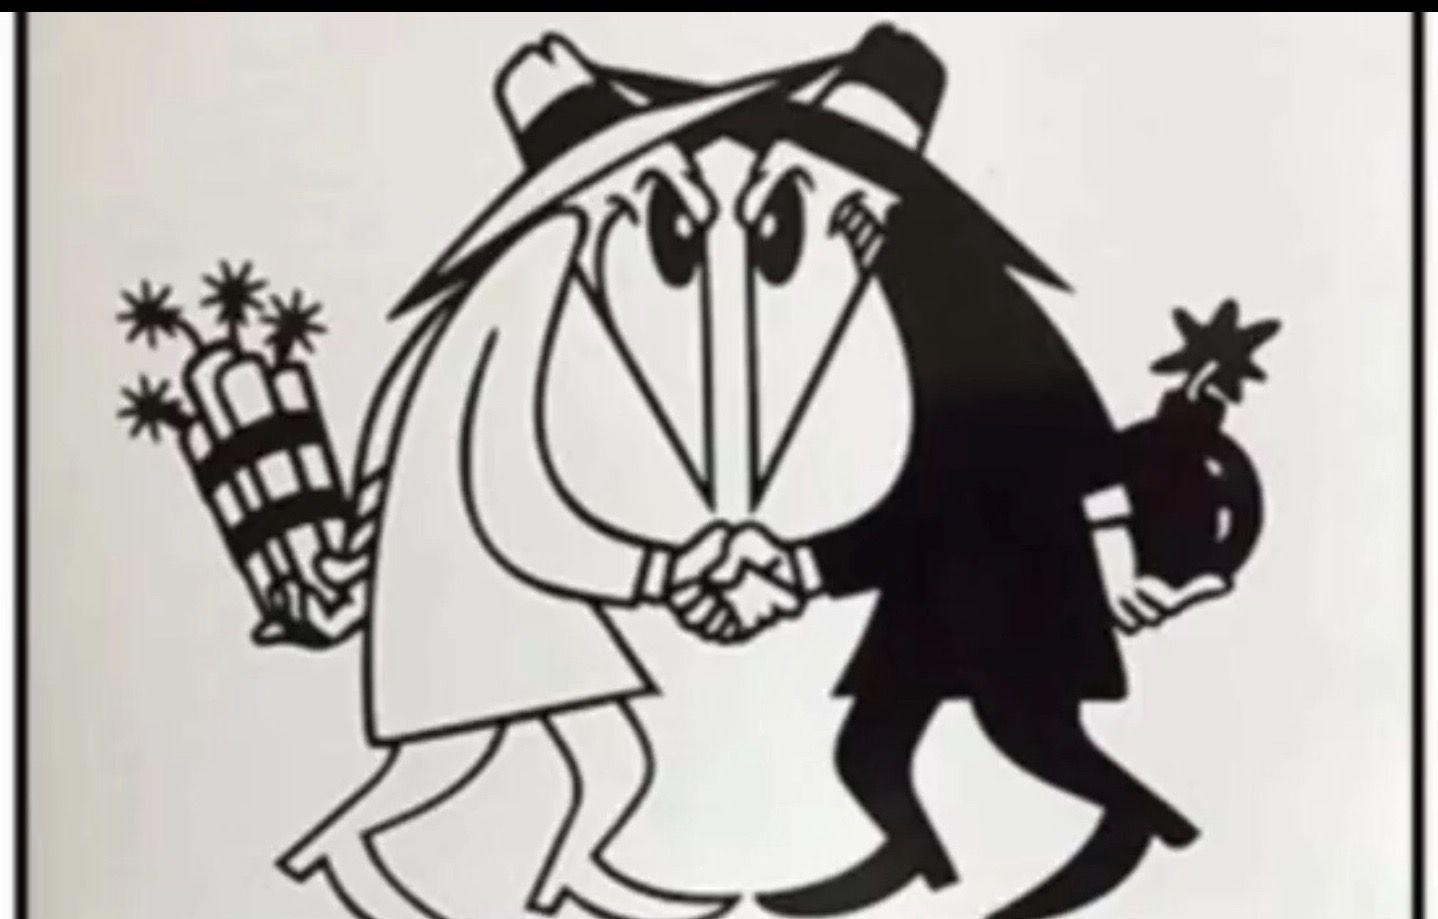 Spy Vs Spy Plantillas Graffiti Tatuajes De Dibujos Animados Dibujos